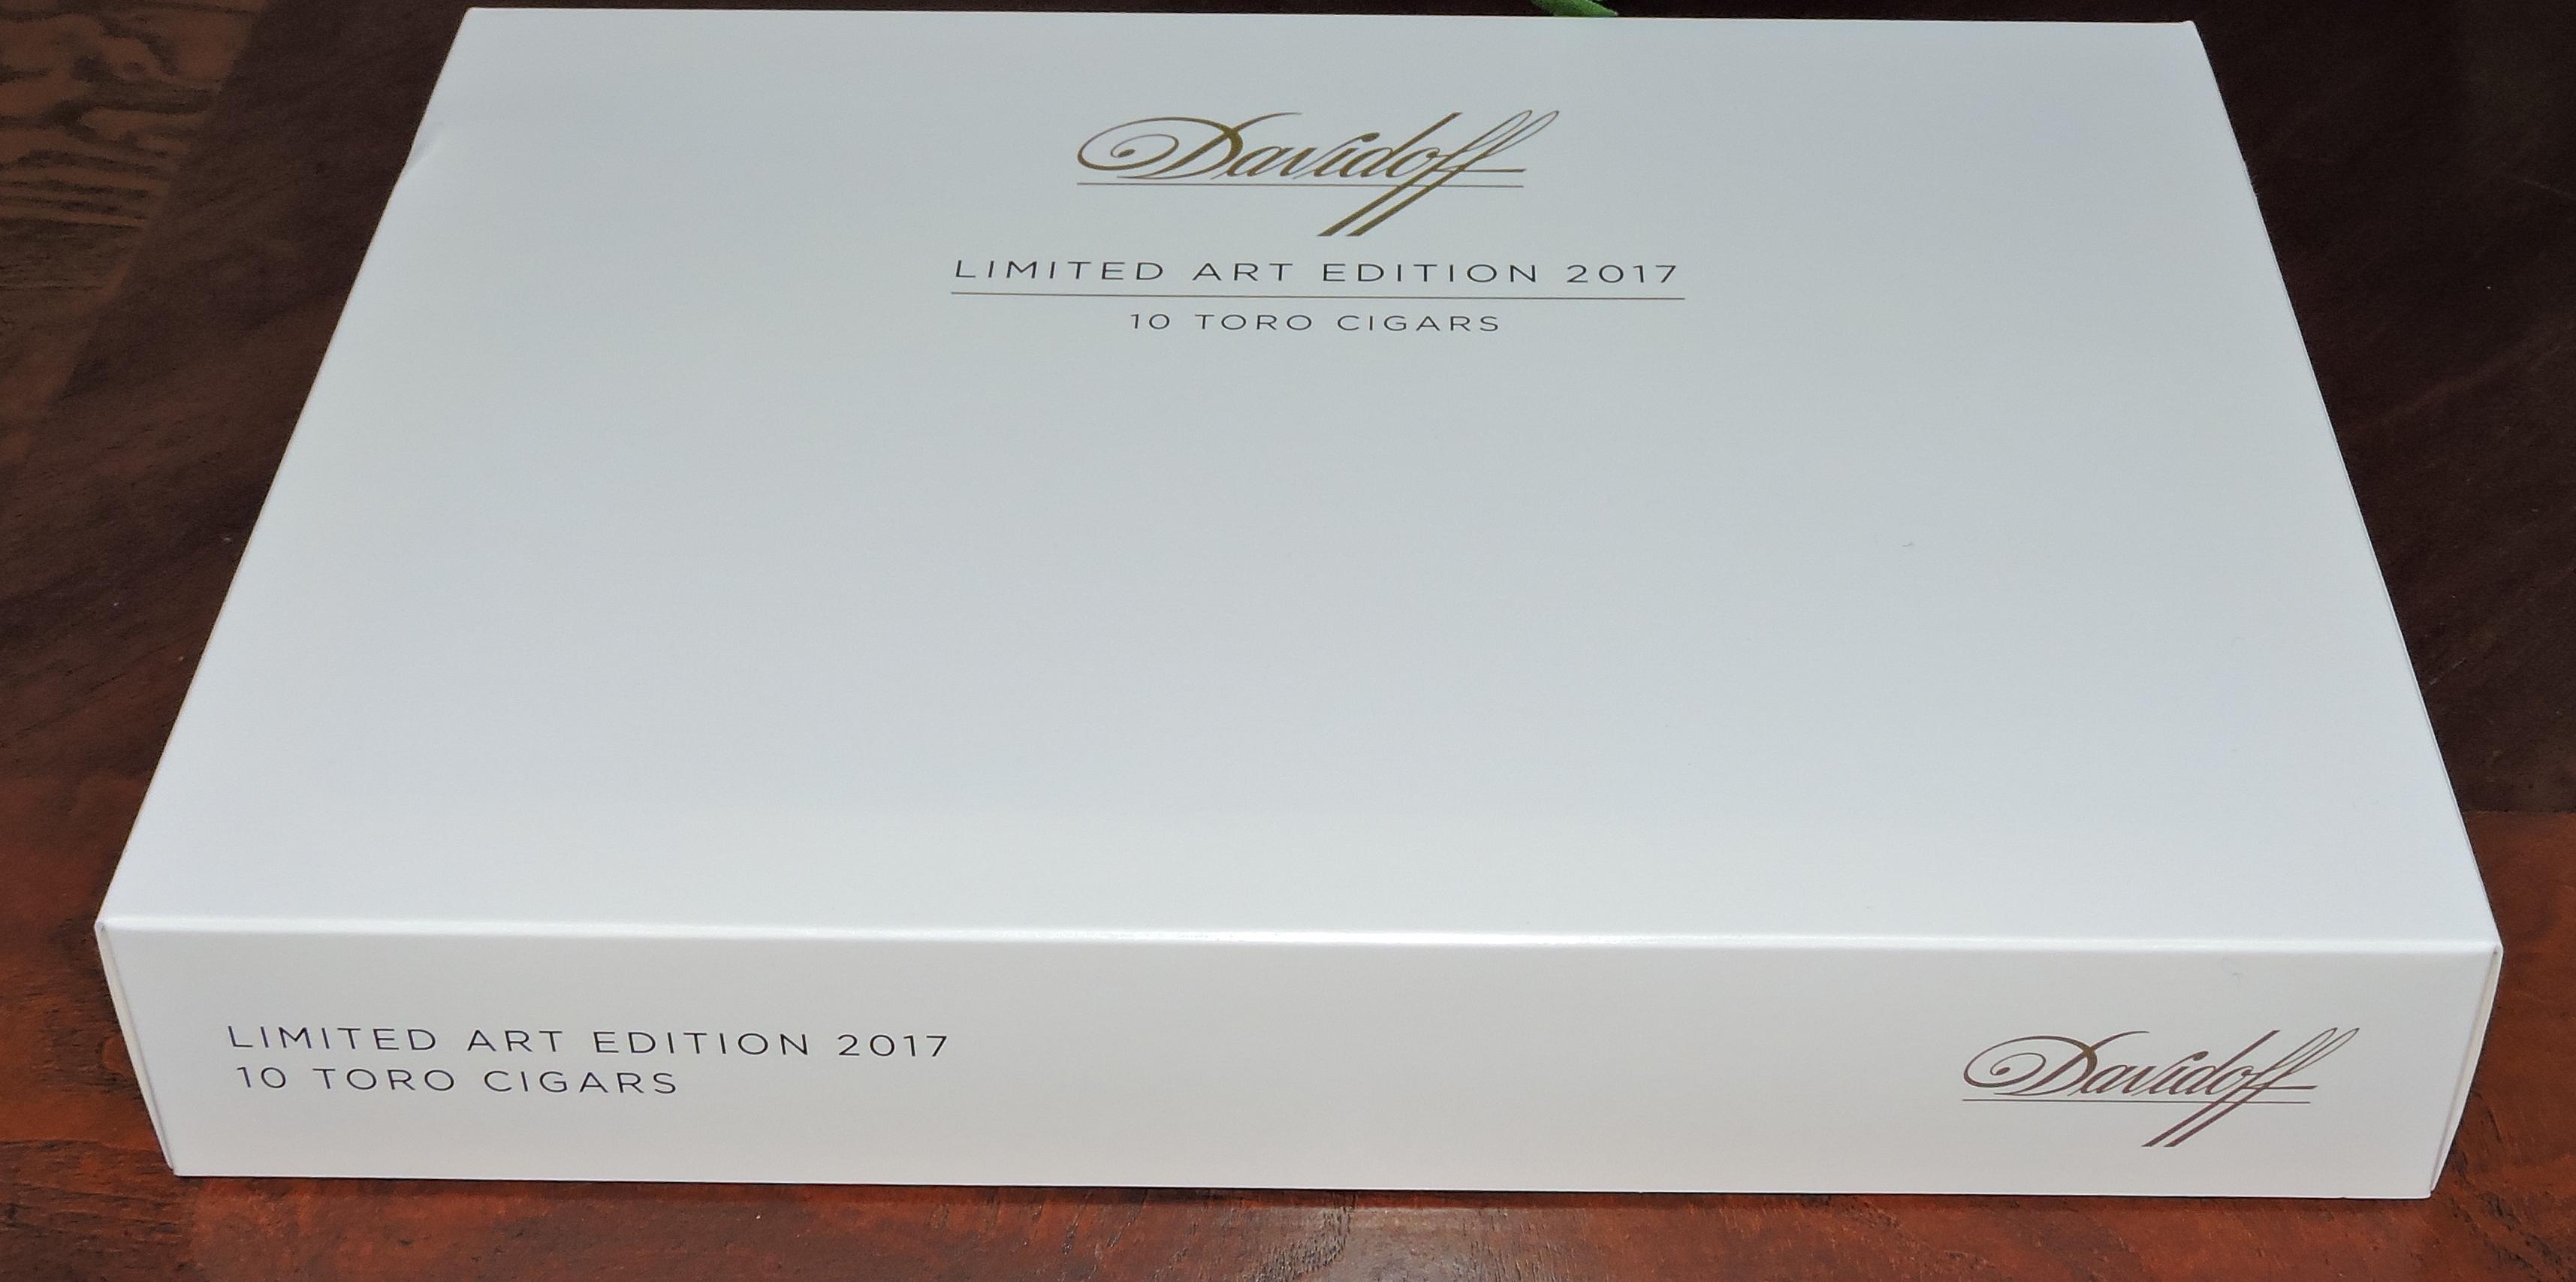 Davidoff Art Edition 2017 Packaging